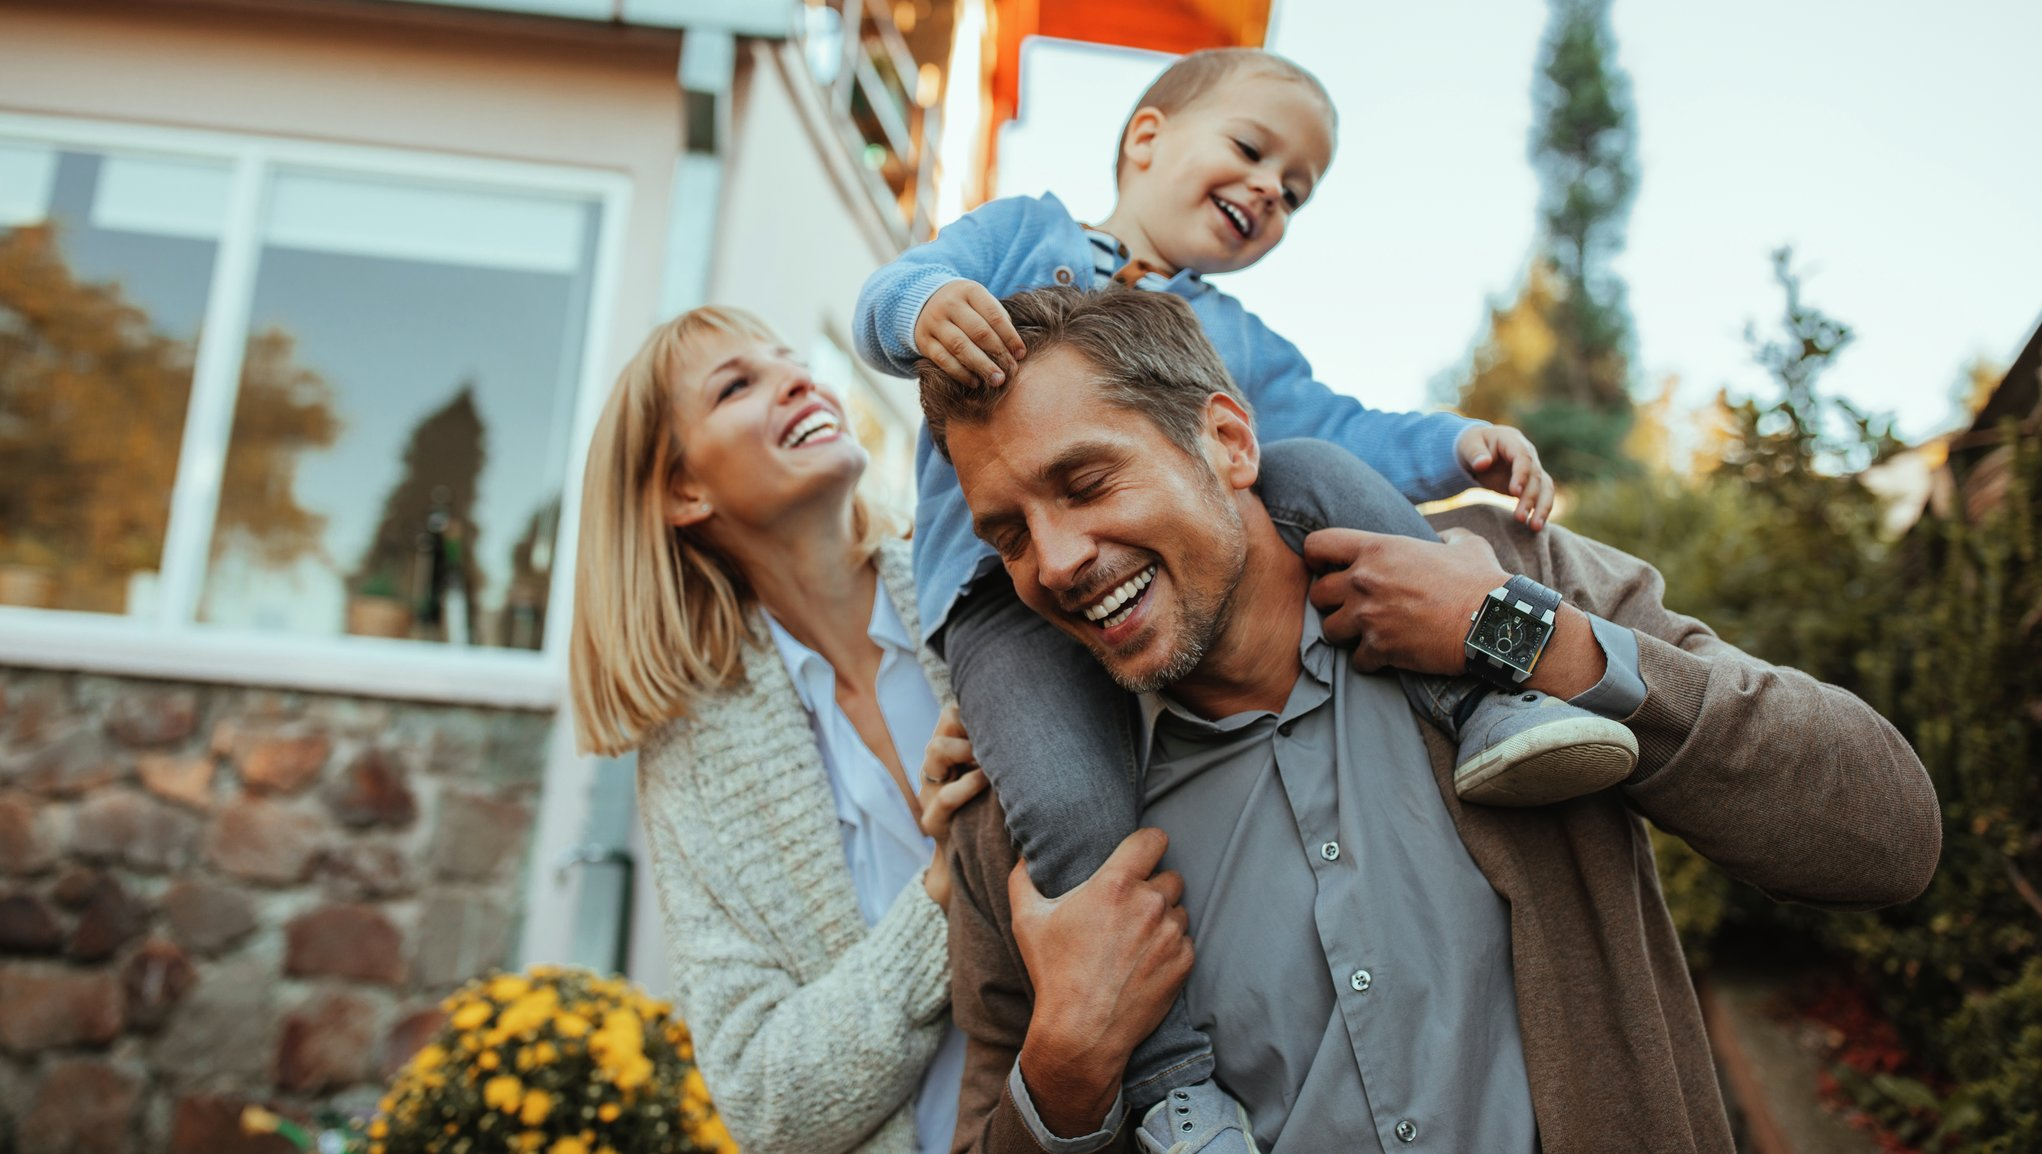 Barnfamilj köper hus